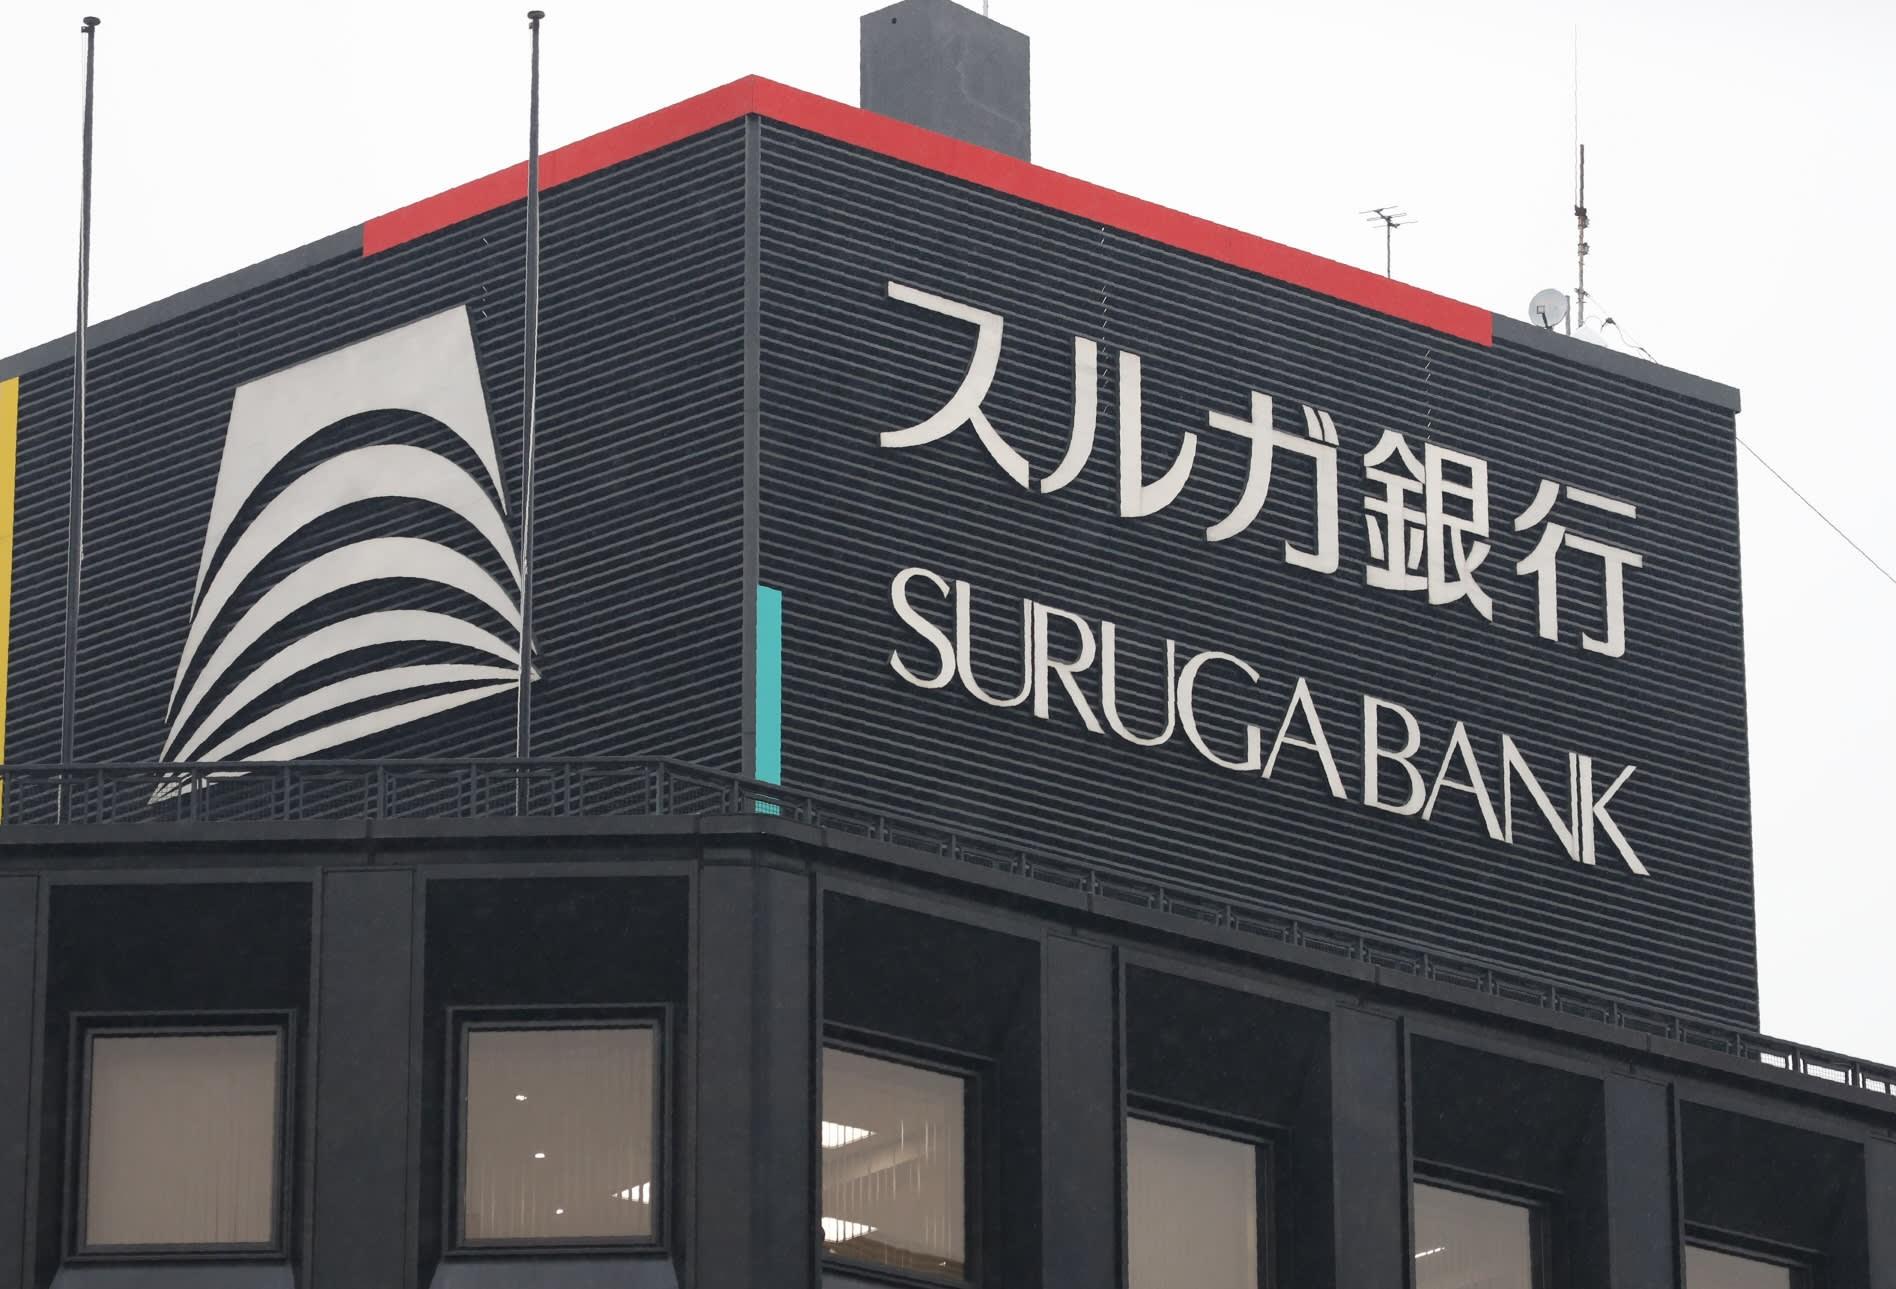 Suruga-гийн дуулиан Японы банкны салбарыг сүүдэртүүлэв